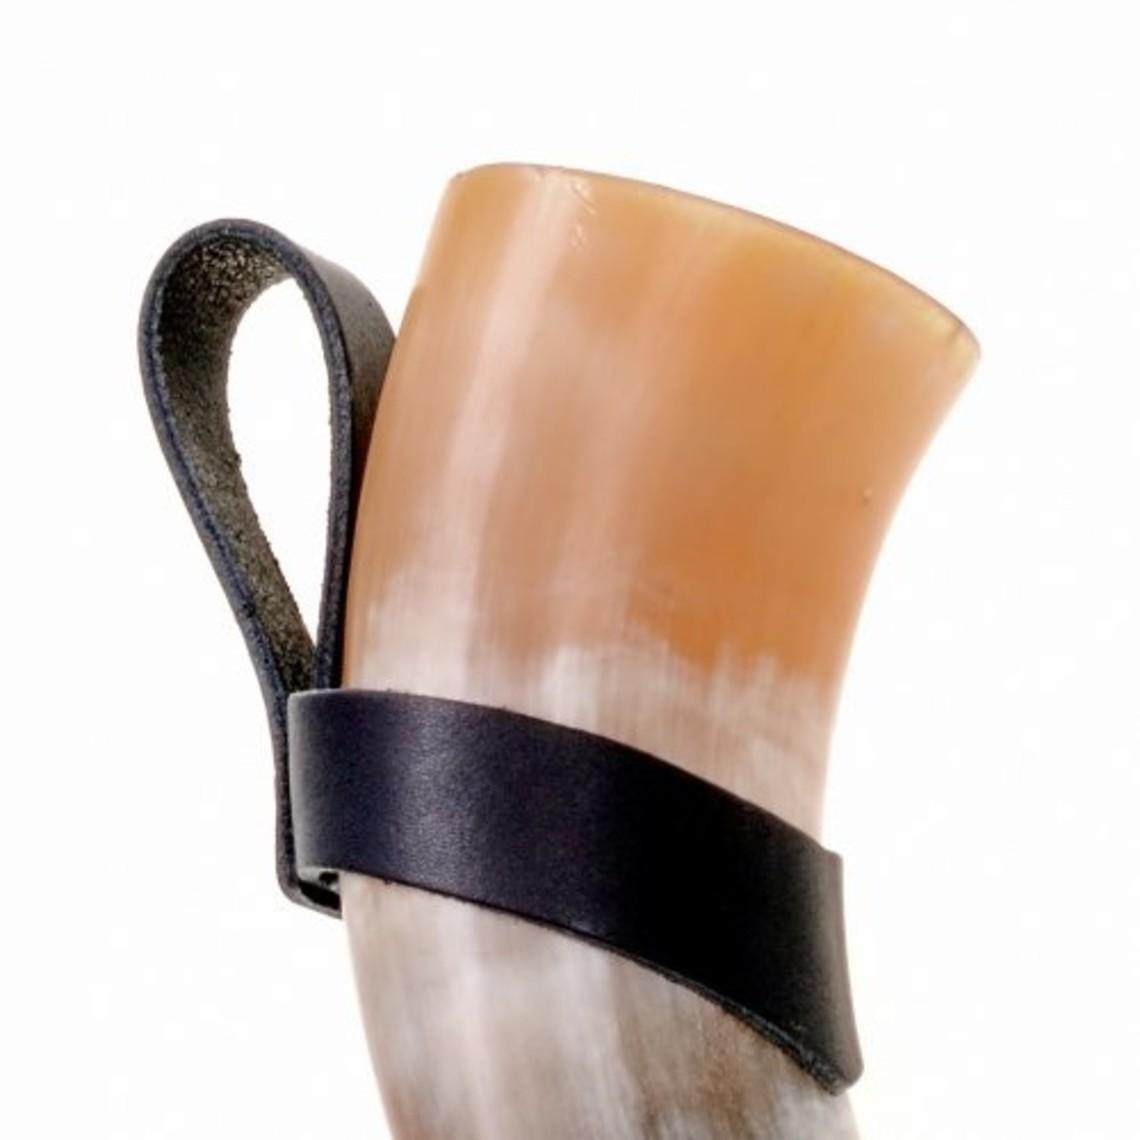 beber de cuero titular de la bocina de 0,3 - 0,4 L, marrón